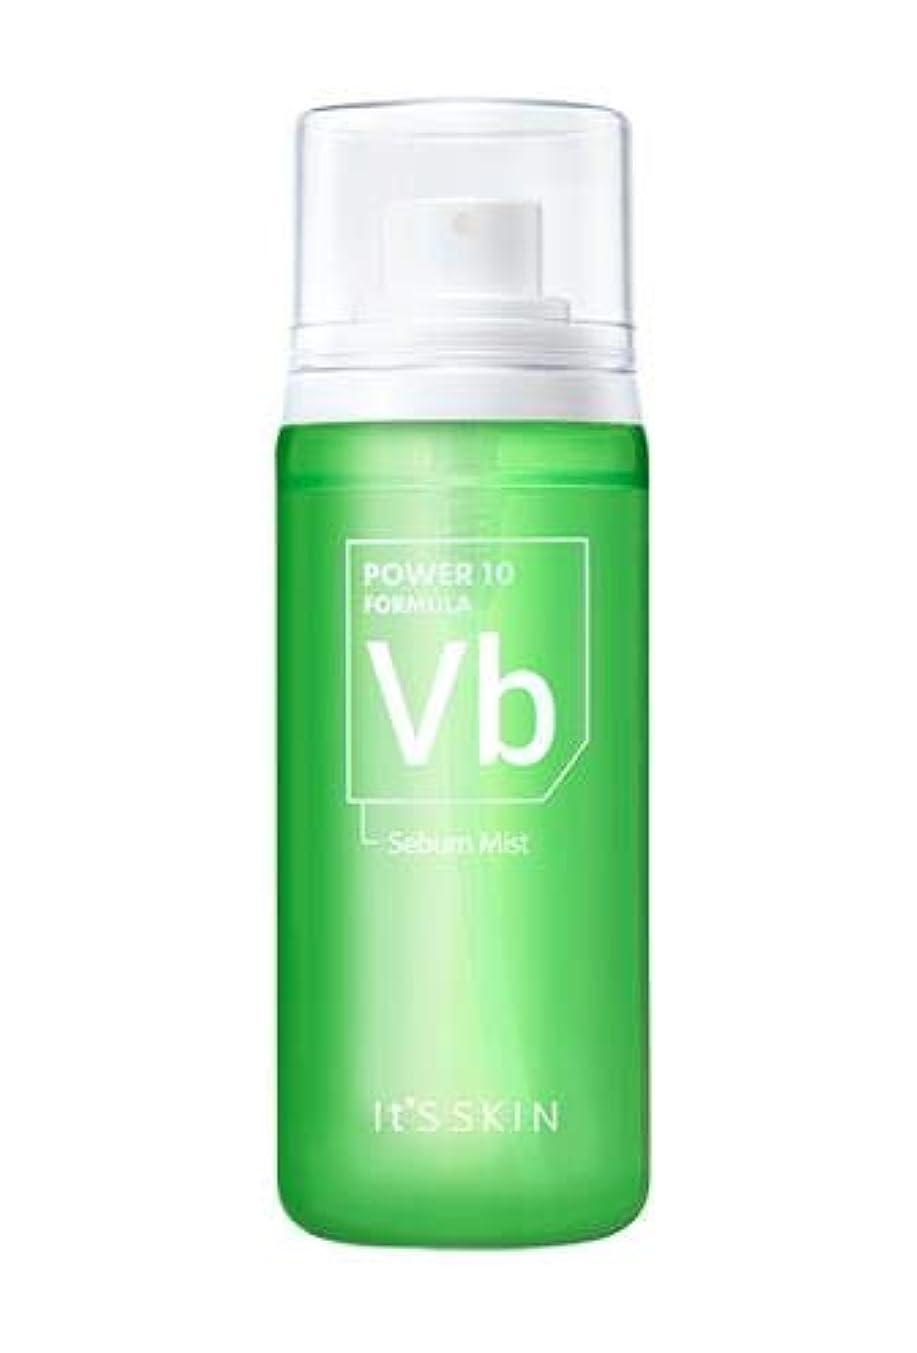 開梱ケニア革命的Its skin Power 10 Formula Mist Vb(Sebum) イッツスキン パワー 10 フォーミュラ ミスト Vb [並行輸入品]